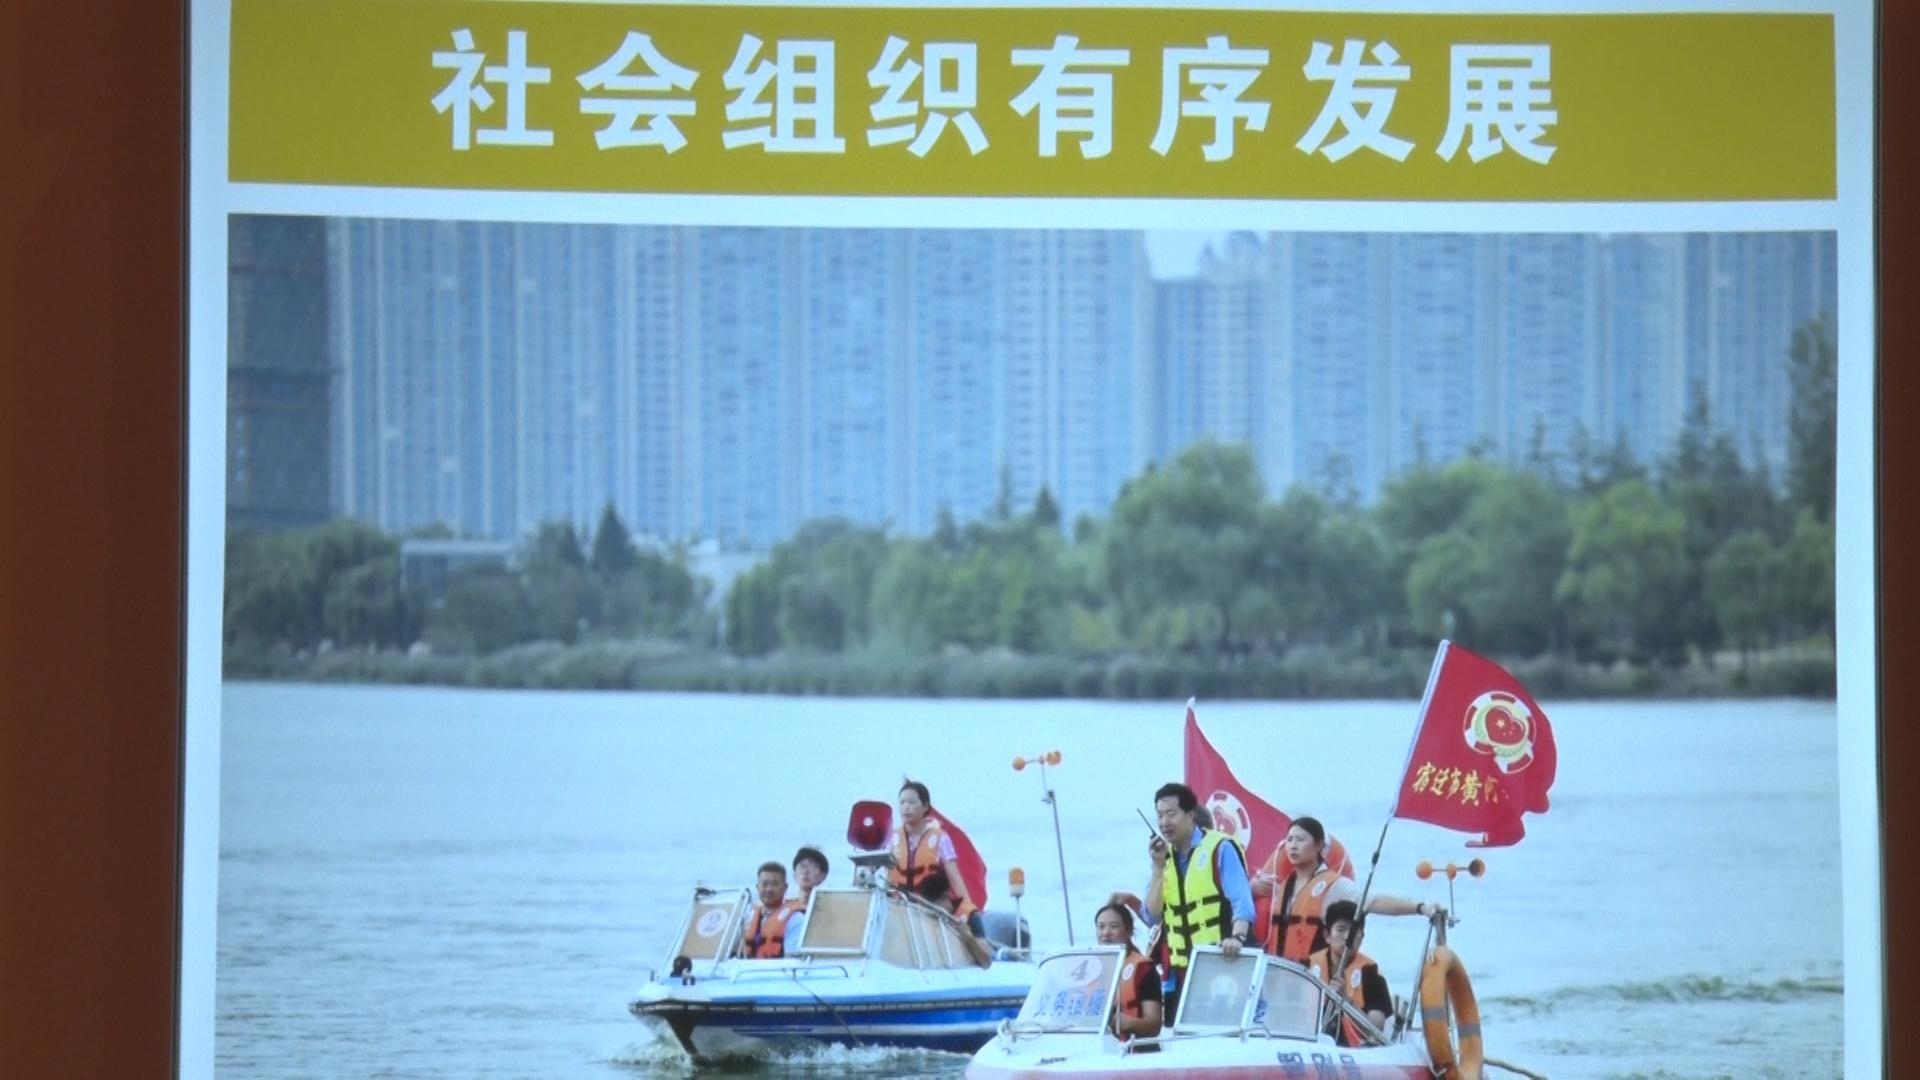 打卡No.1丨全中国有爱心的人们都